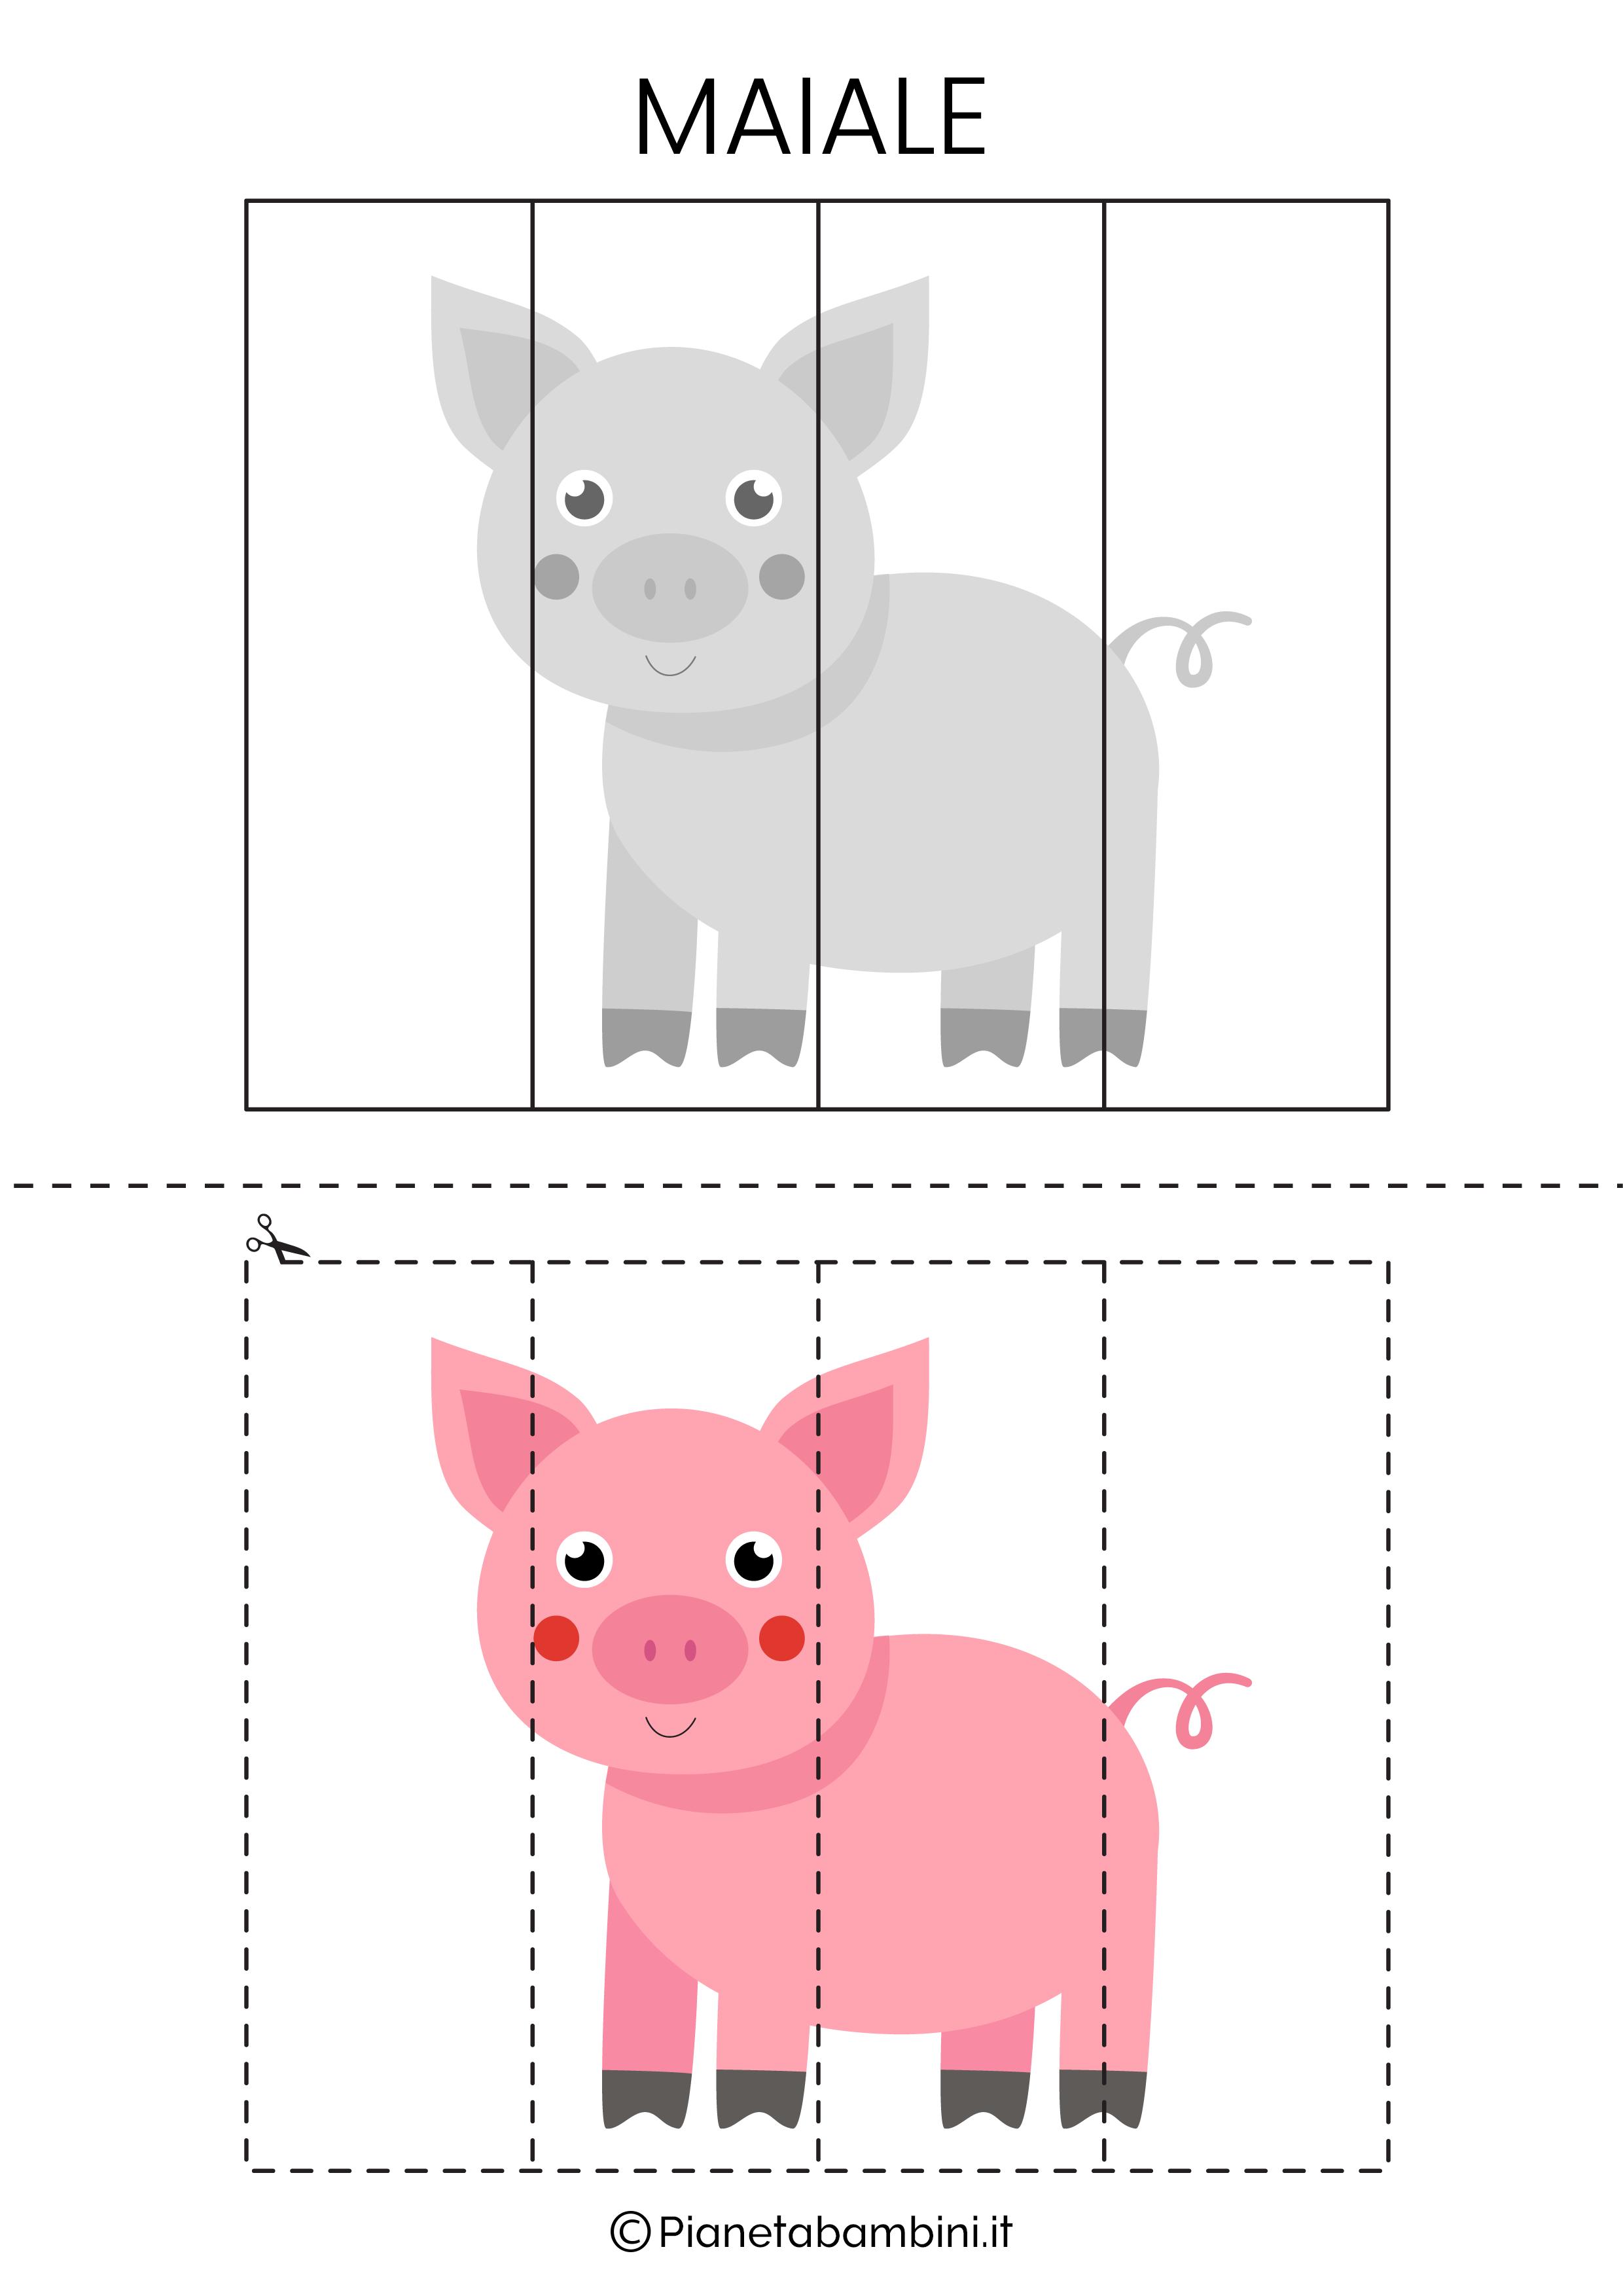 Puzzle del maiale da 4 pezzi da ritagliare e ricomporre